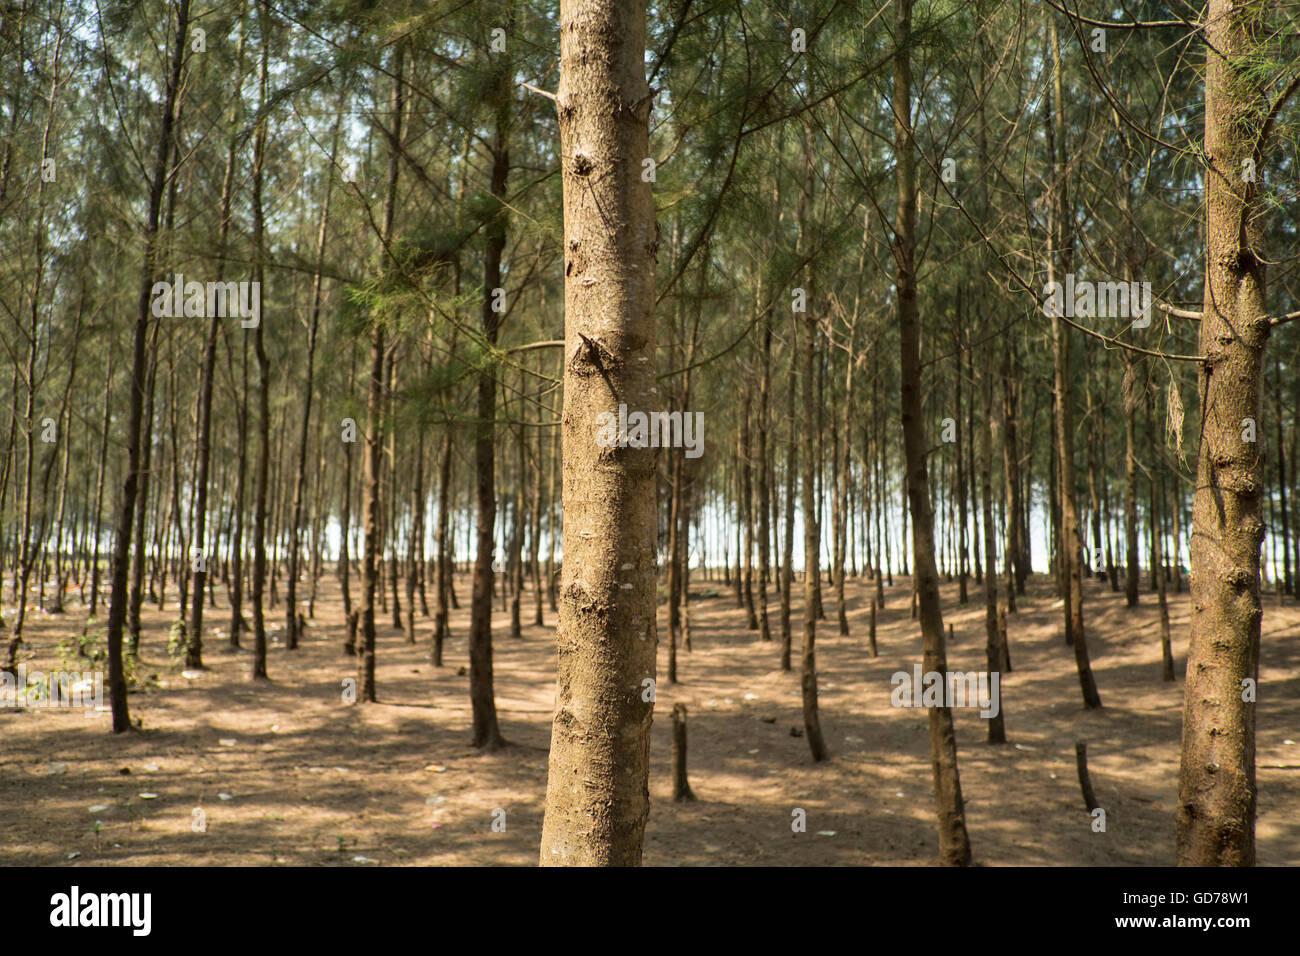 Casuarina trees on Kashid Beach in Maharashtra - Stock Image